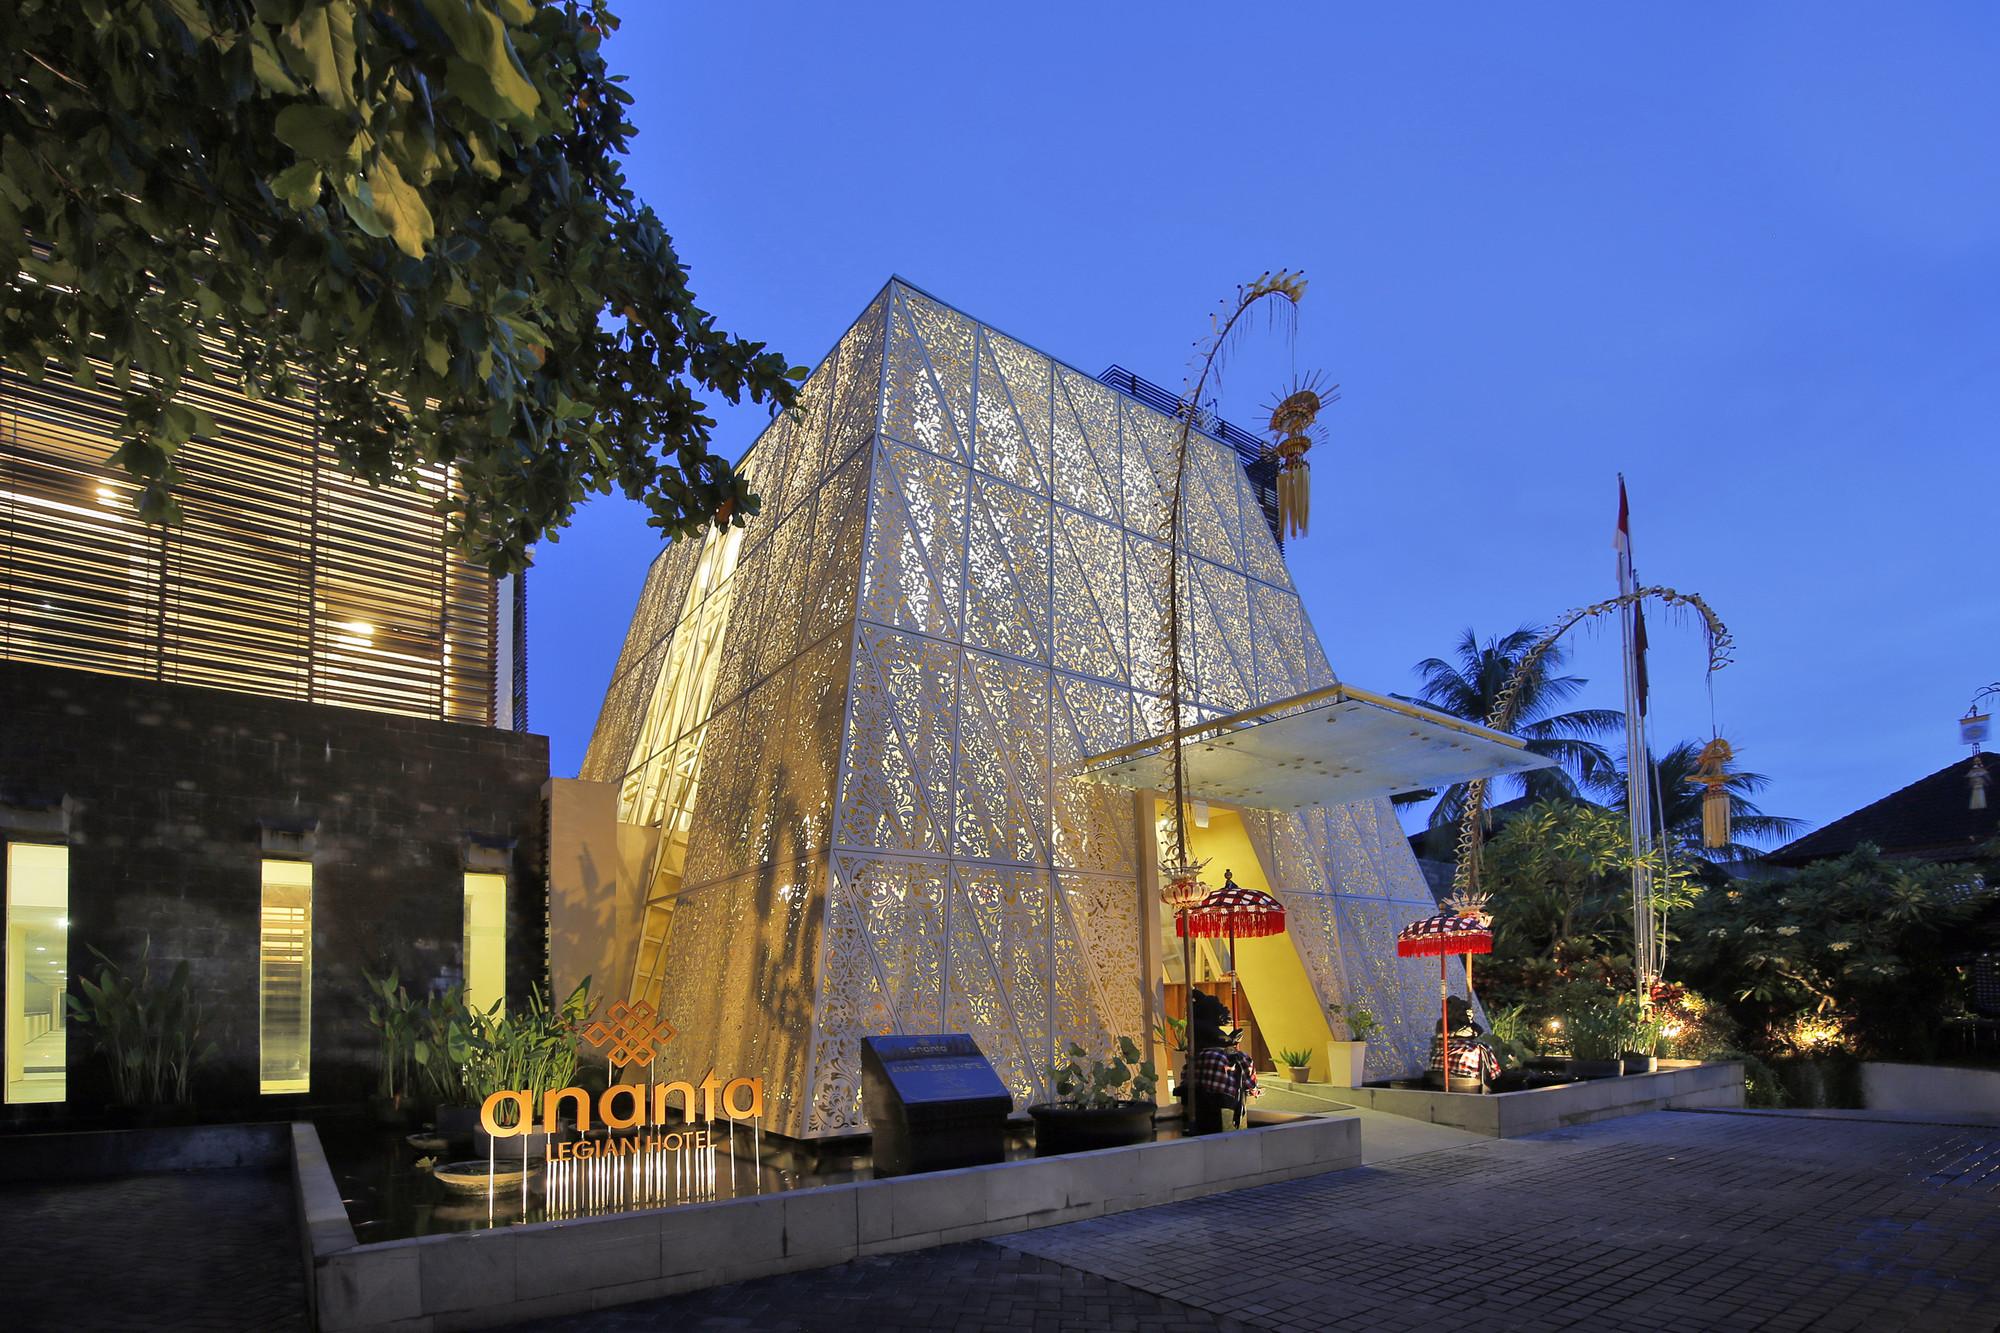 Ananta Legian Hotel Airmas Asri Archdaily